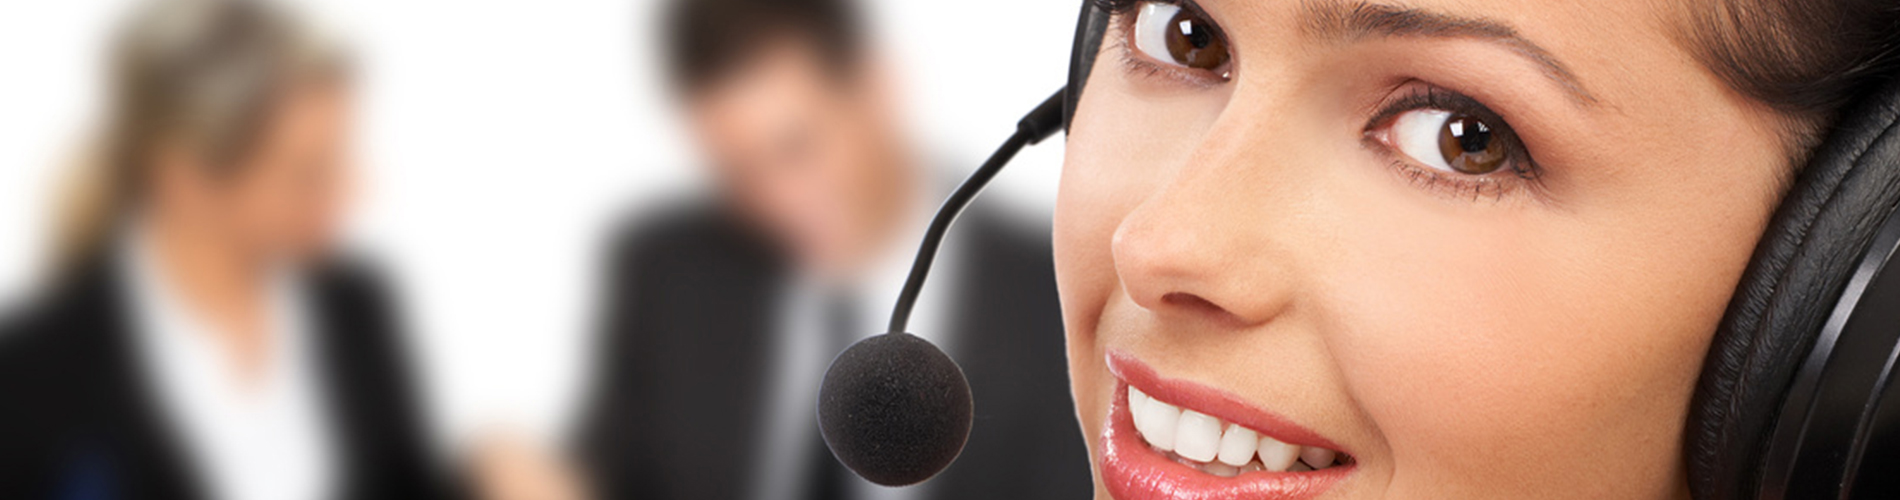 diesnox sicherheitsservice empfangsdienst telefondienst